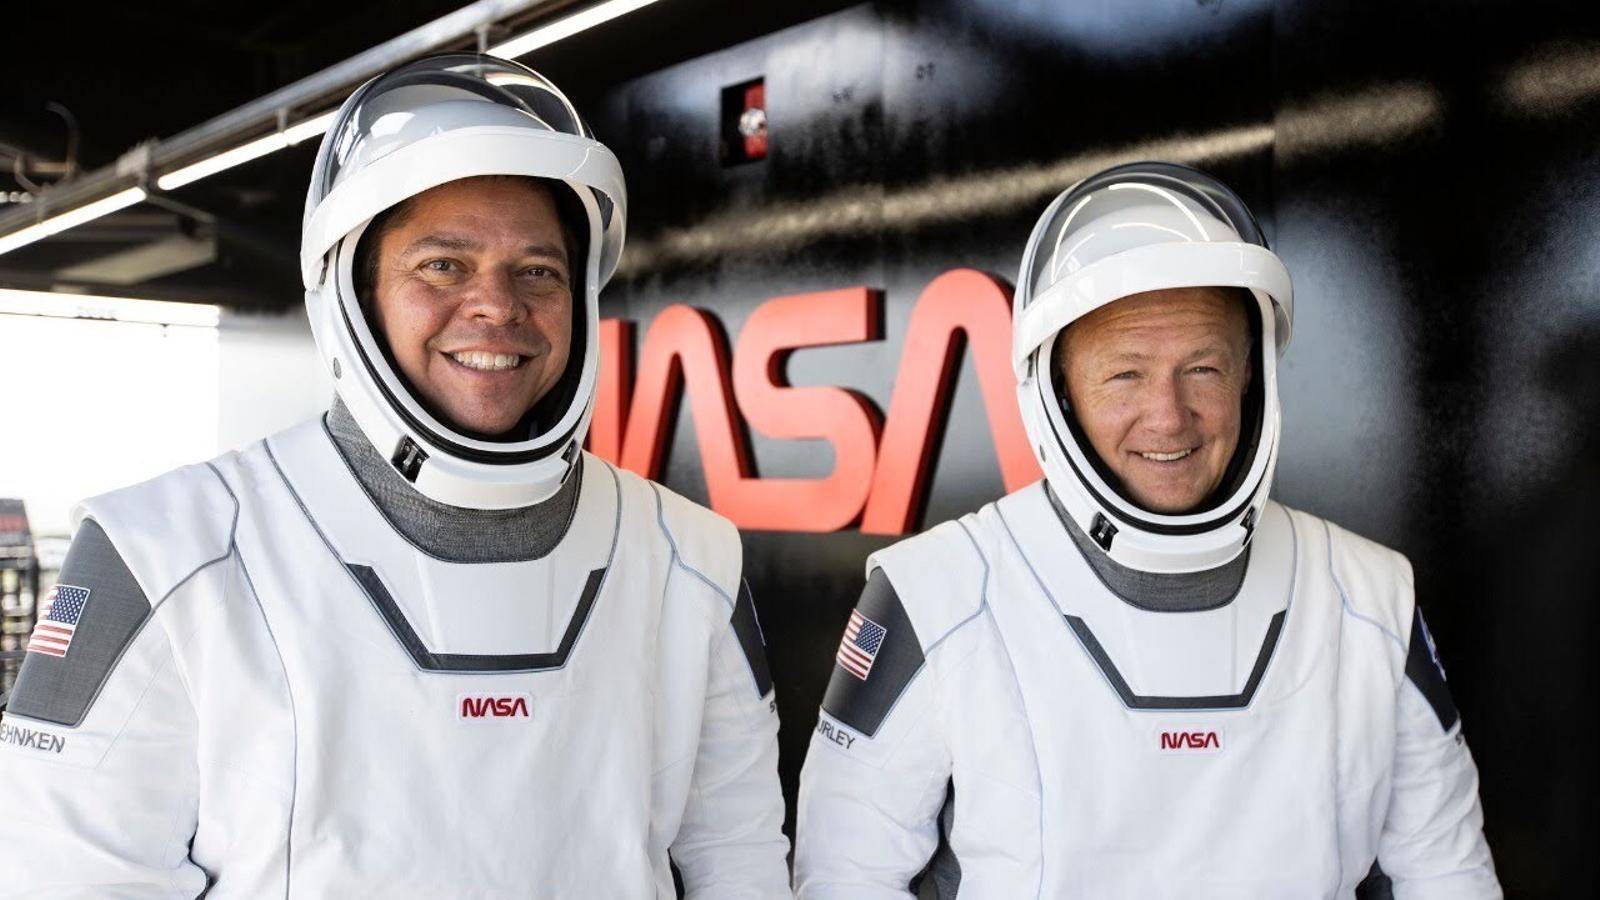 El retorn a casa del primer vol operat per la NASA i la companyia privada SpaceX